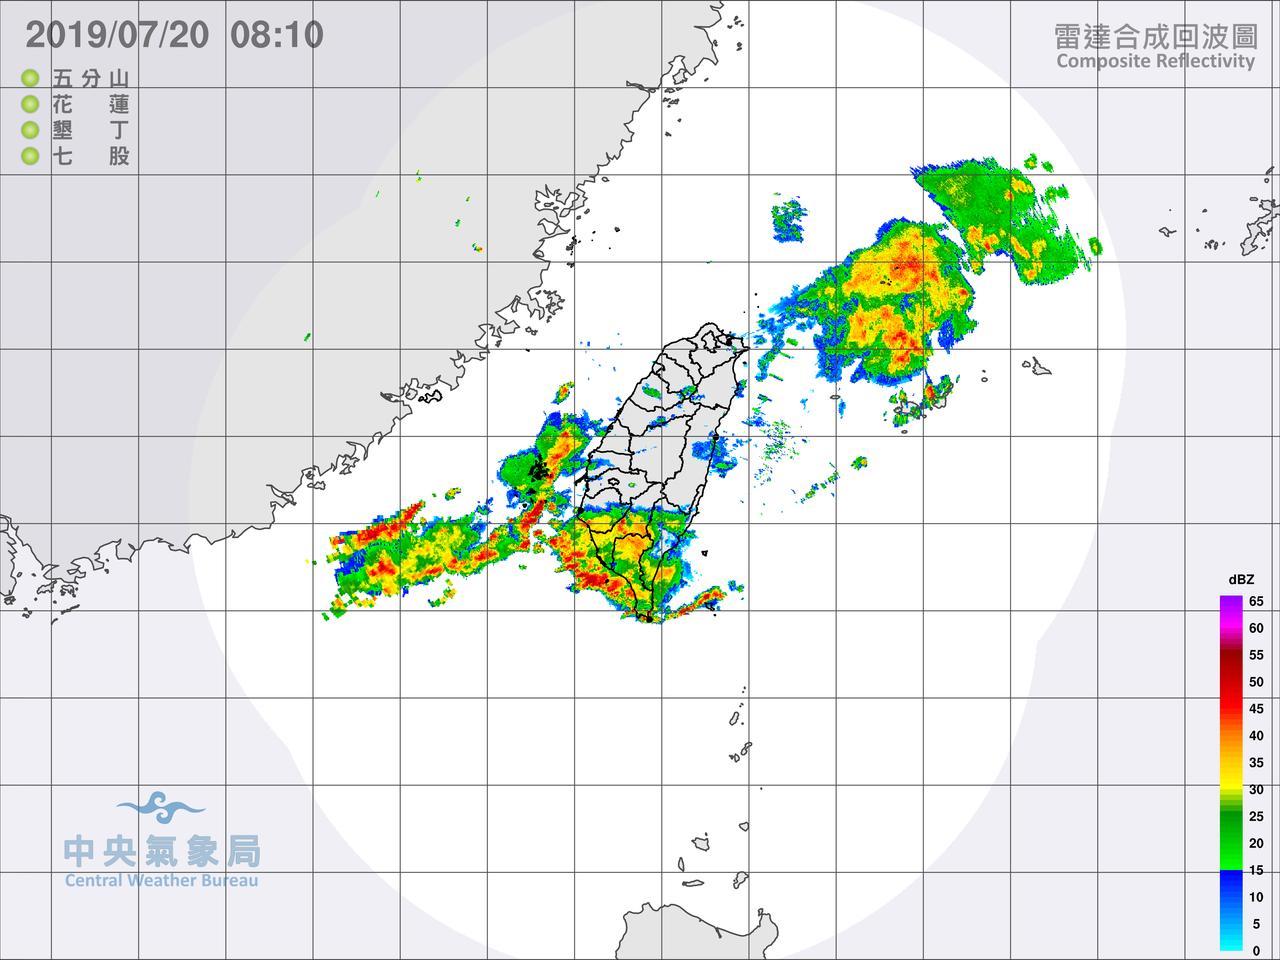 中央氣象局發布大雨特報。圖/取自氣象局網站